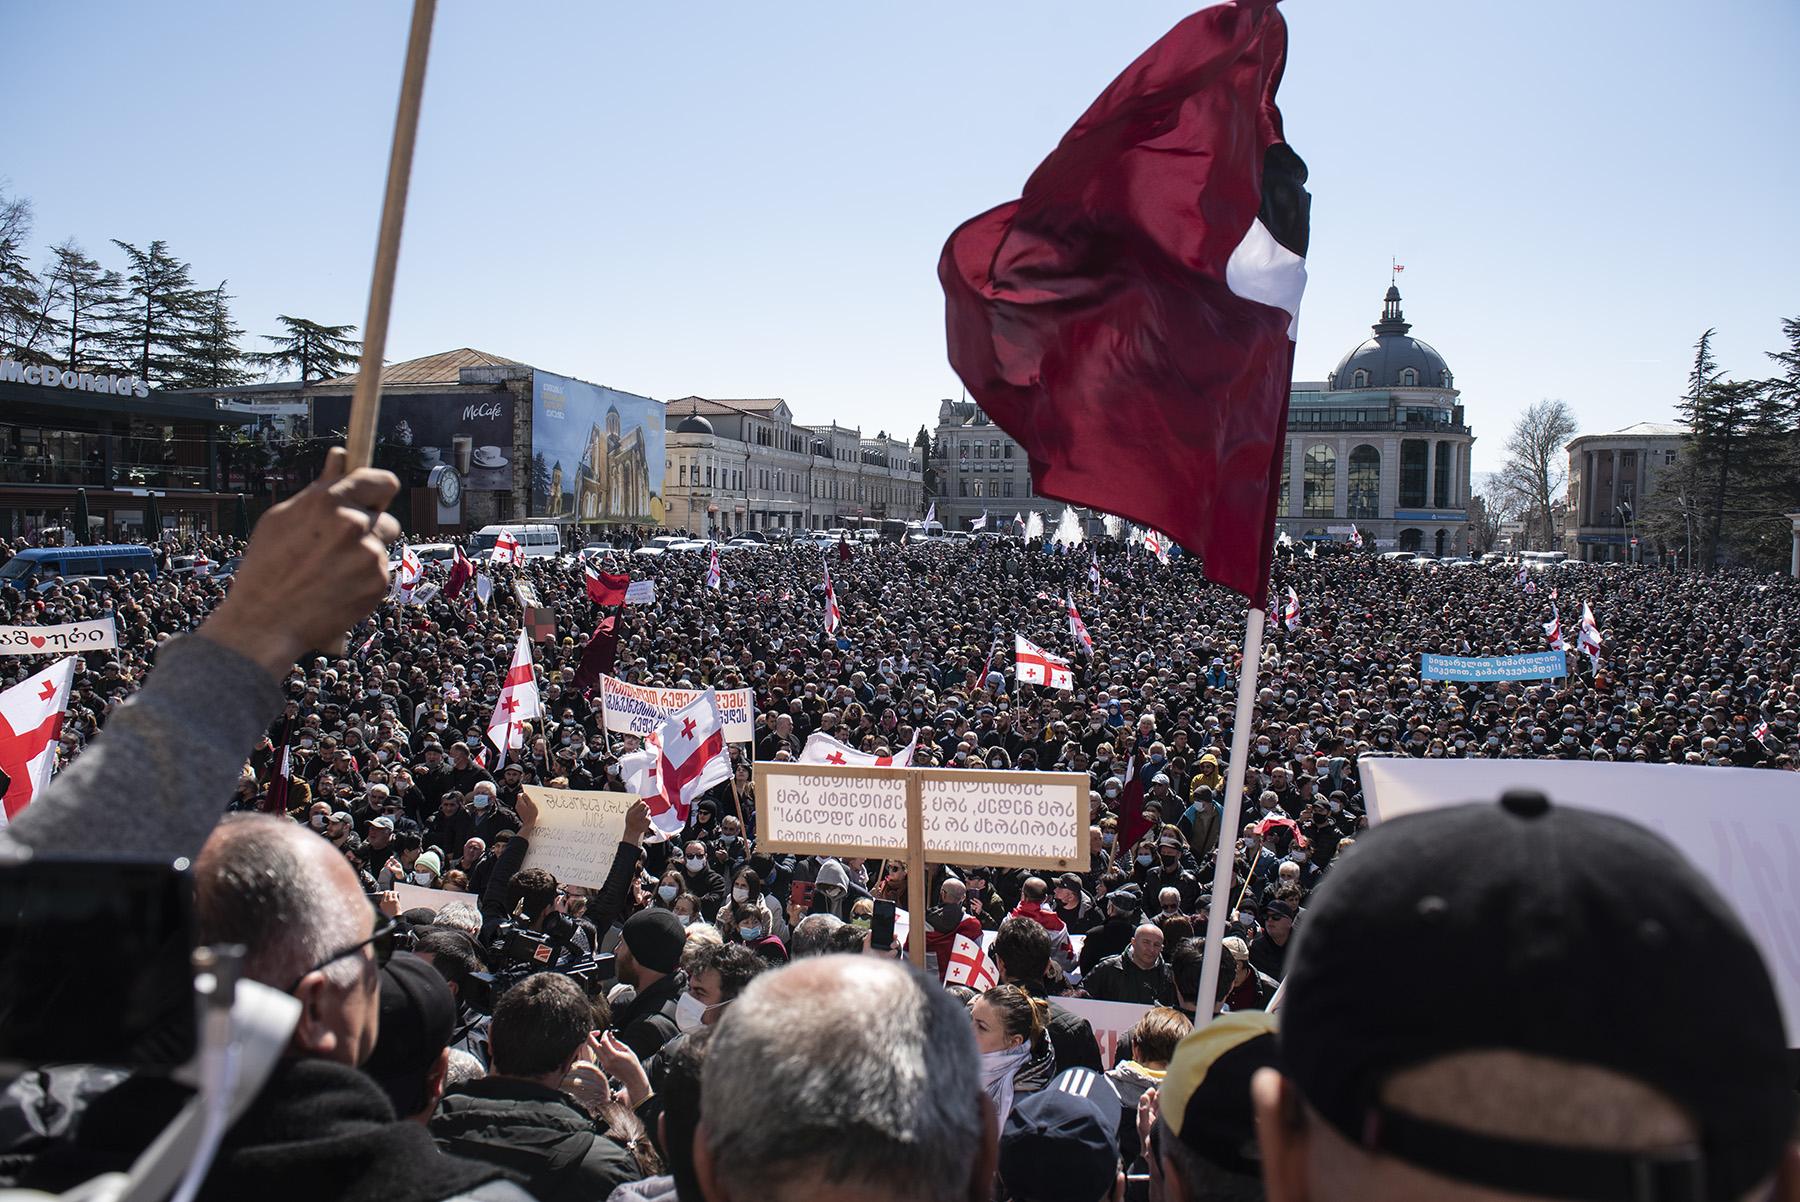 Photo: Mariam Nikuradze/OC Media.